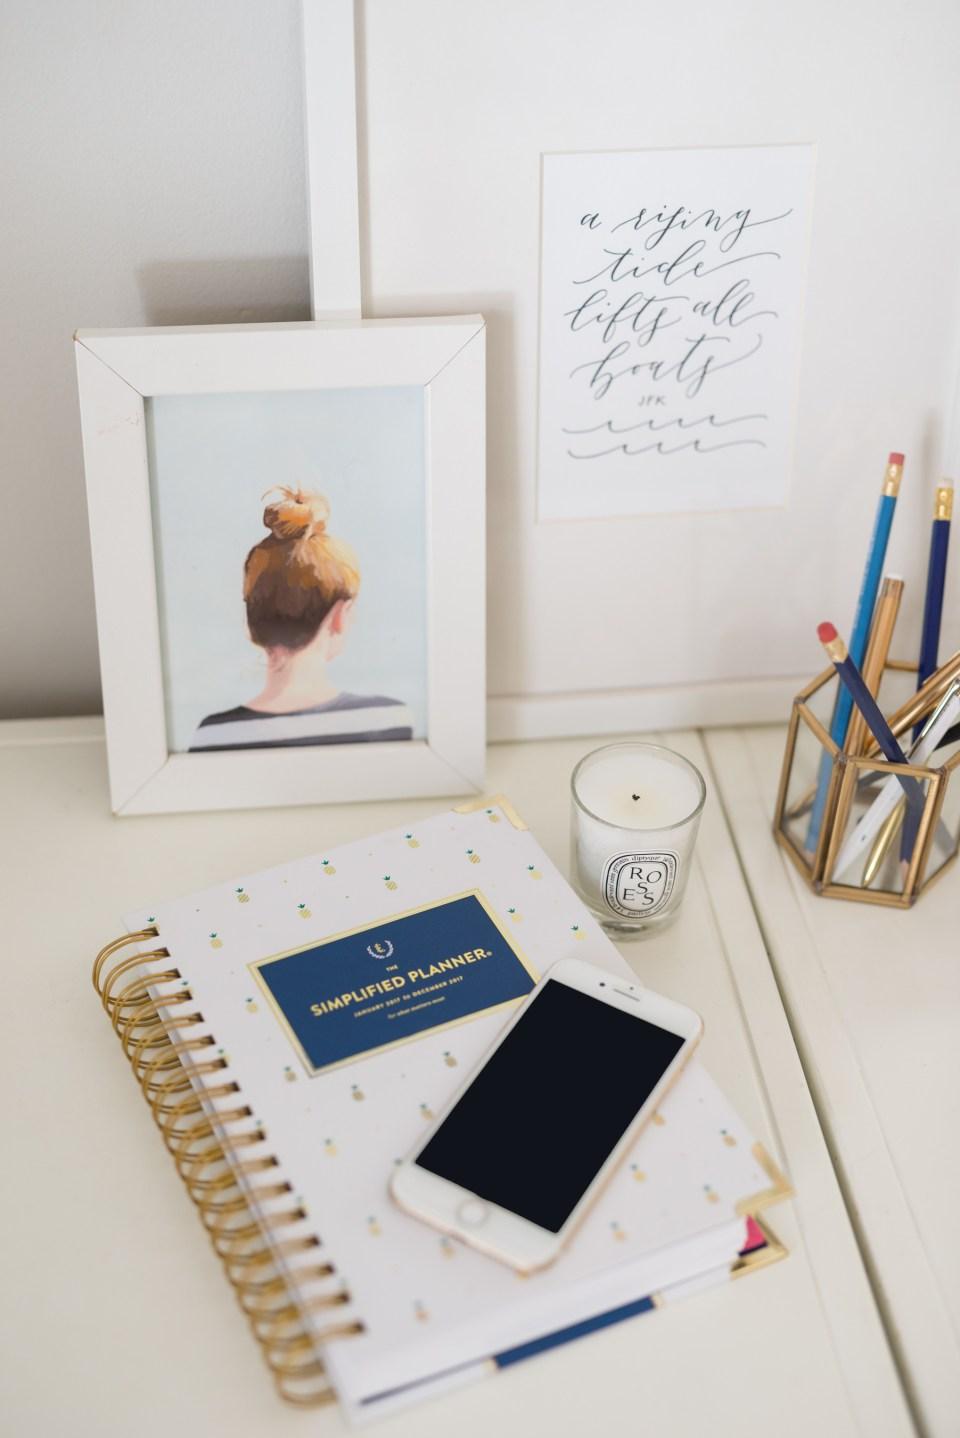 Simplified Planner Ashlyn Carter